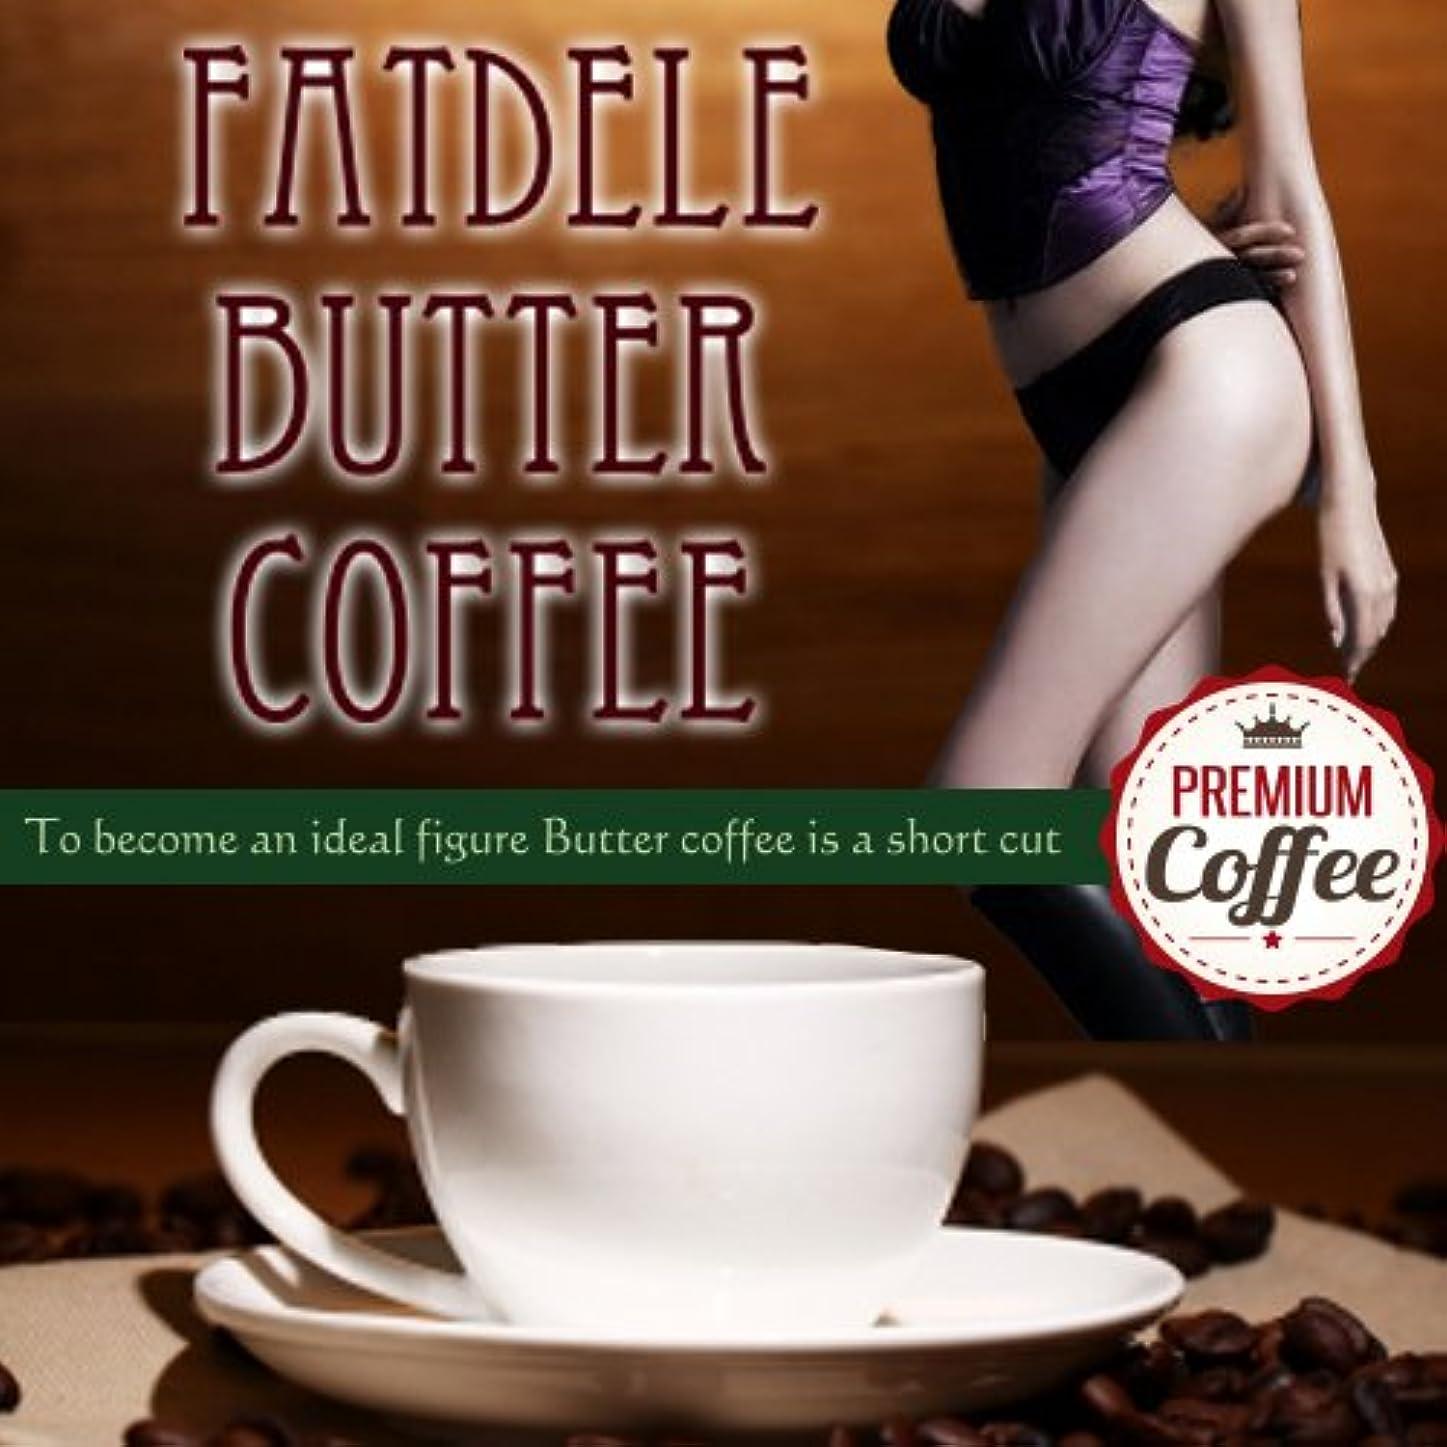 ファットデルバターコーヒー バターコーヒー ダイエットコーヒー